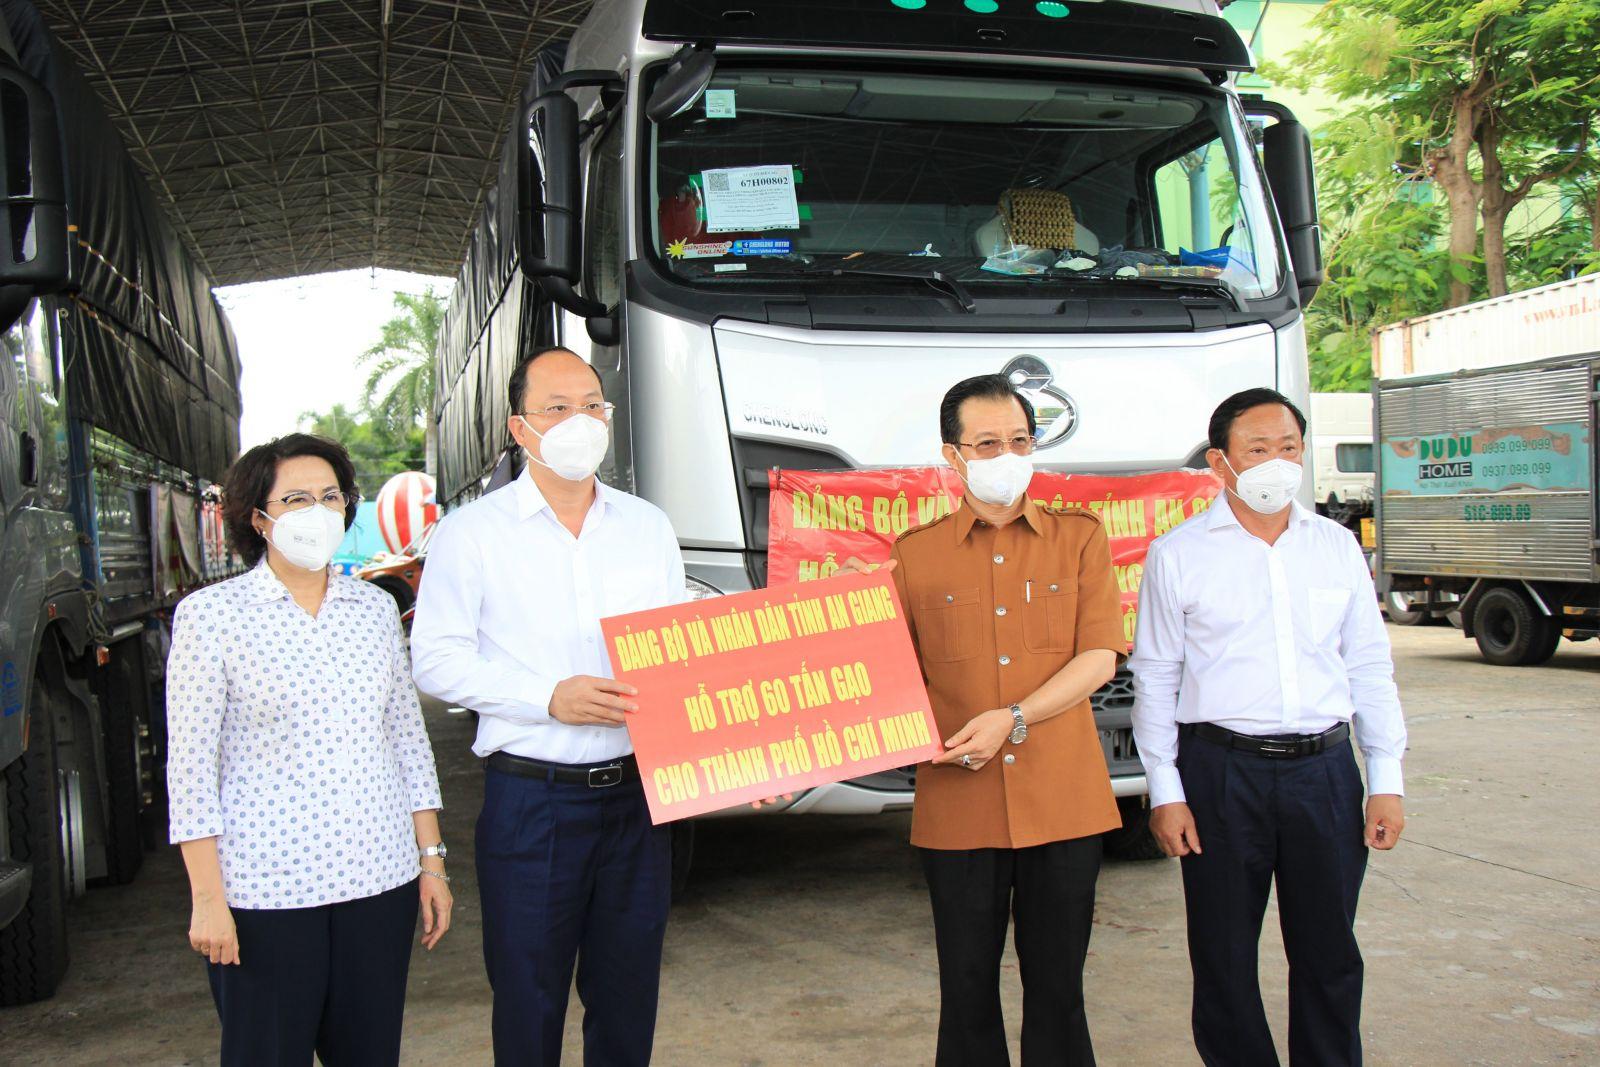 Trao bảng tượng trưng 60 tấn gạo tỉnh An Giang hỗ trợ TPHCM